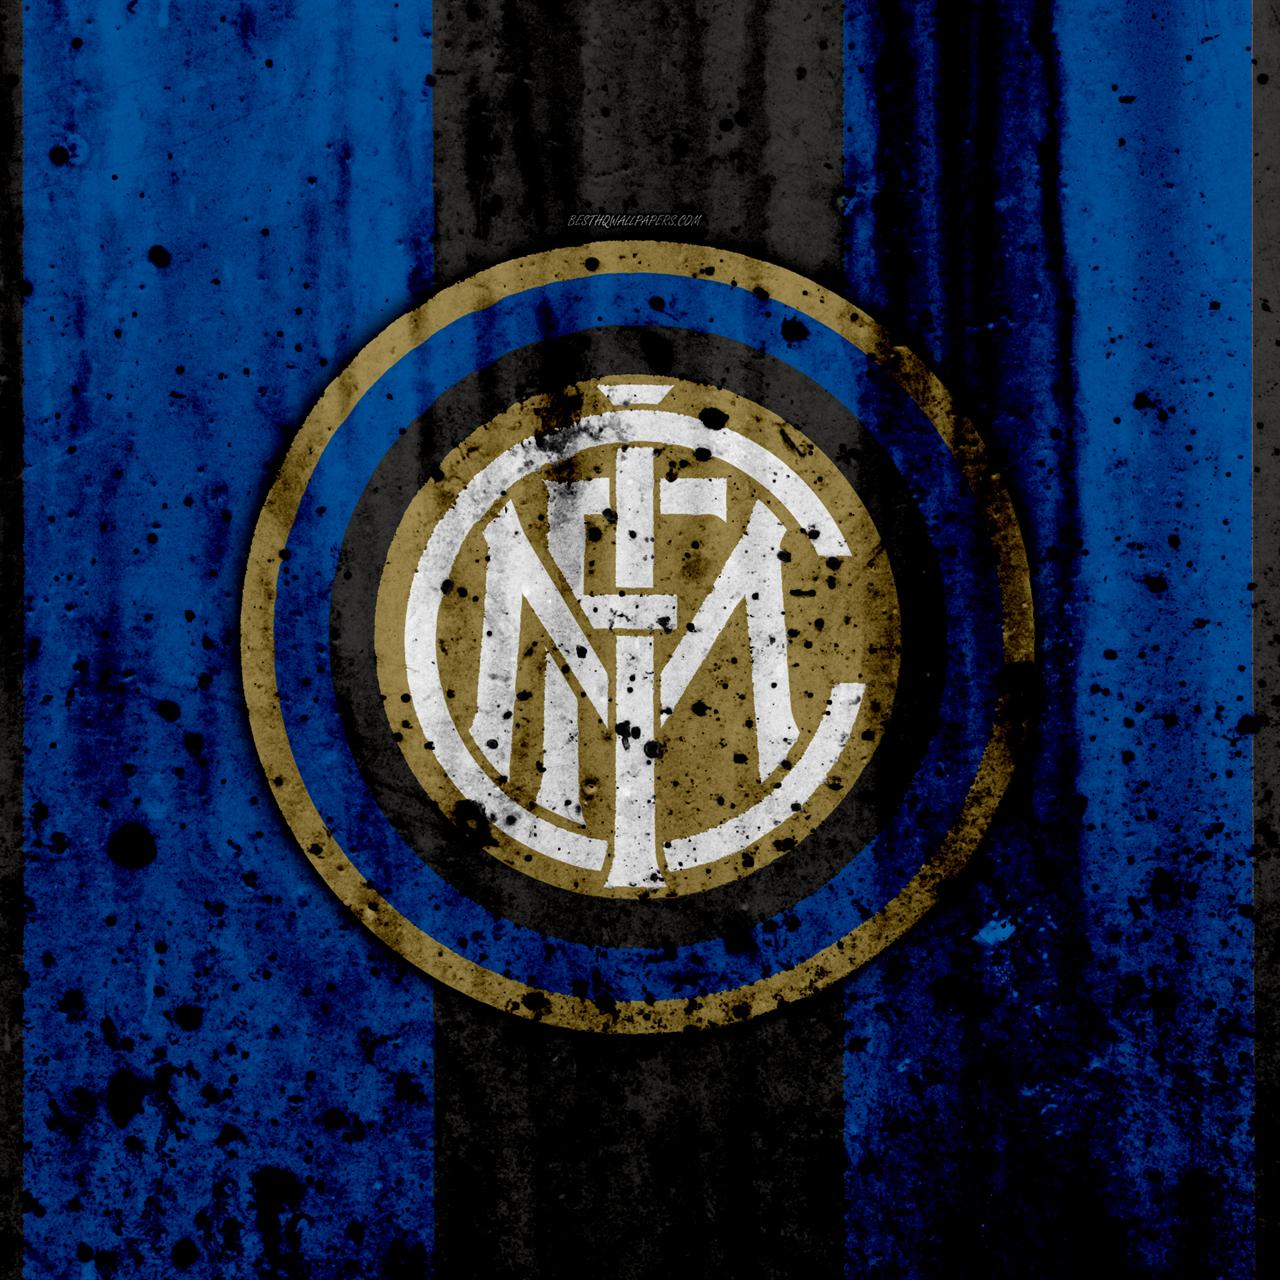 fc inter milano 4k logo inter serie a pietra texture milan